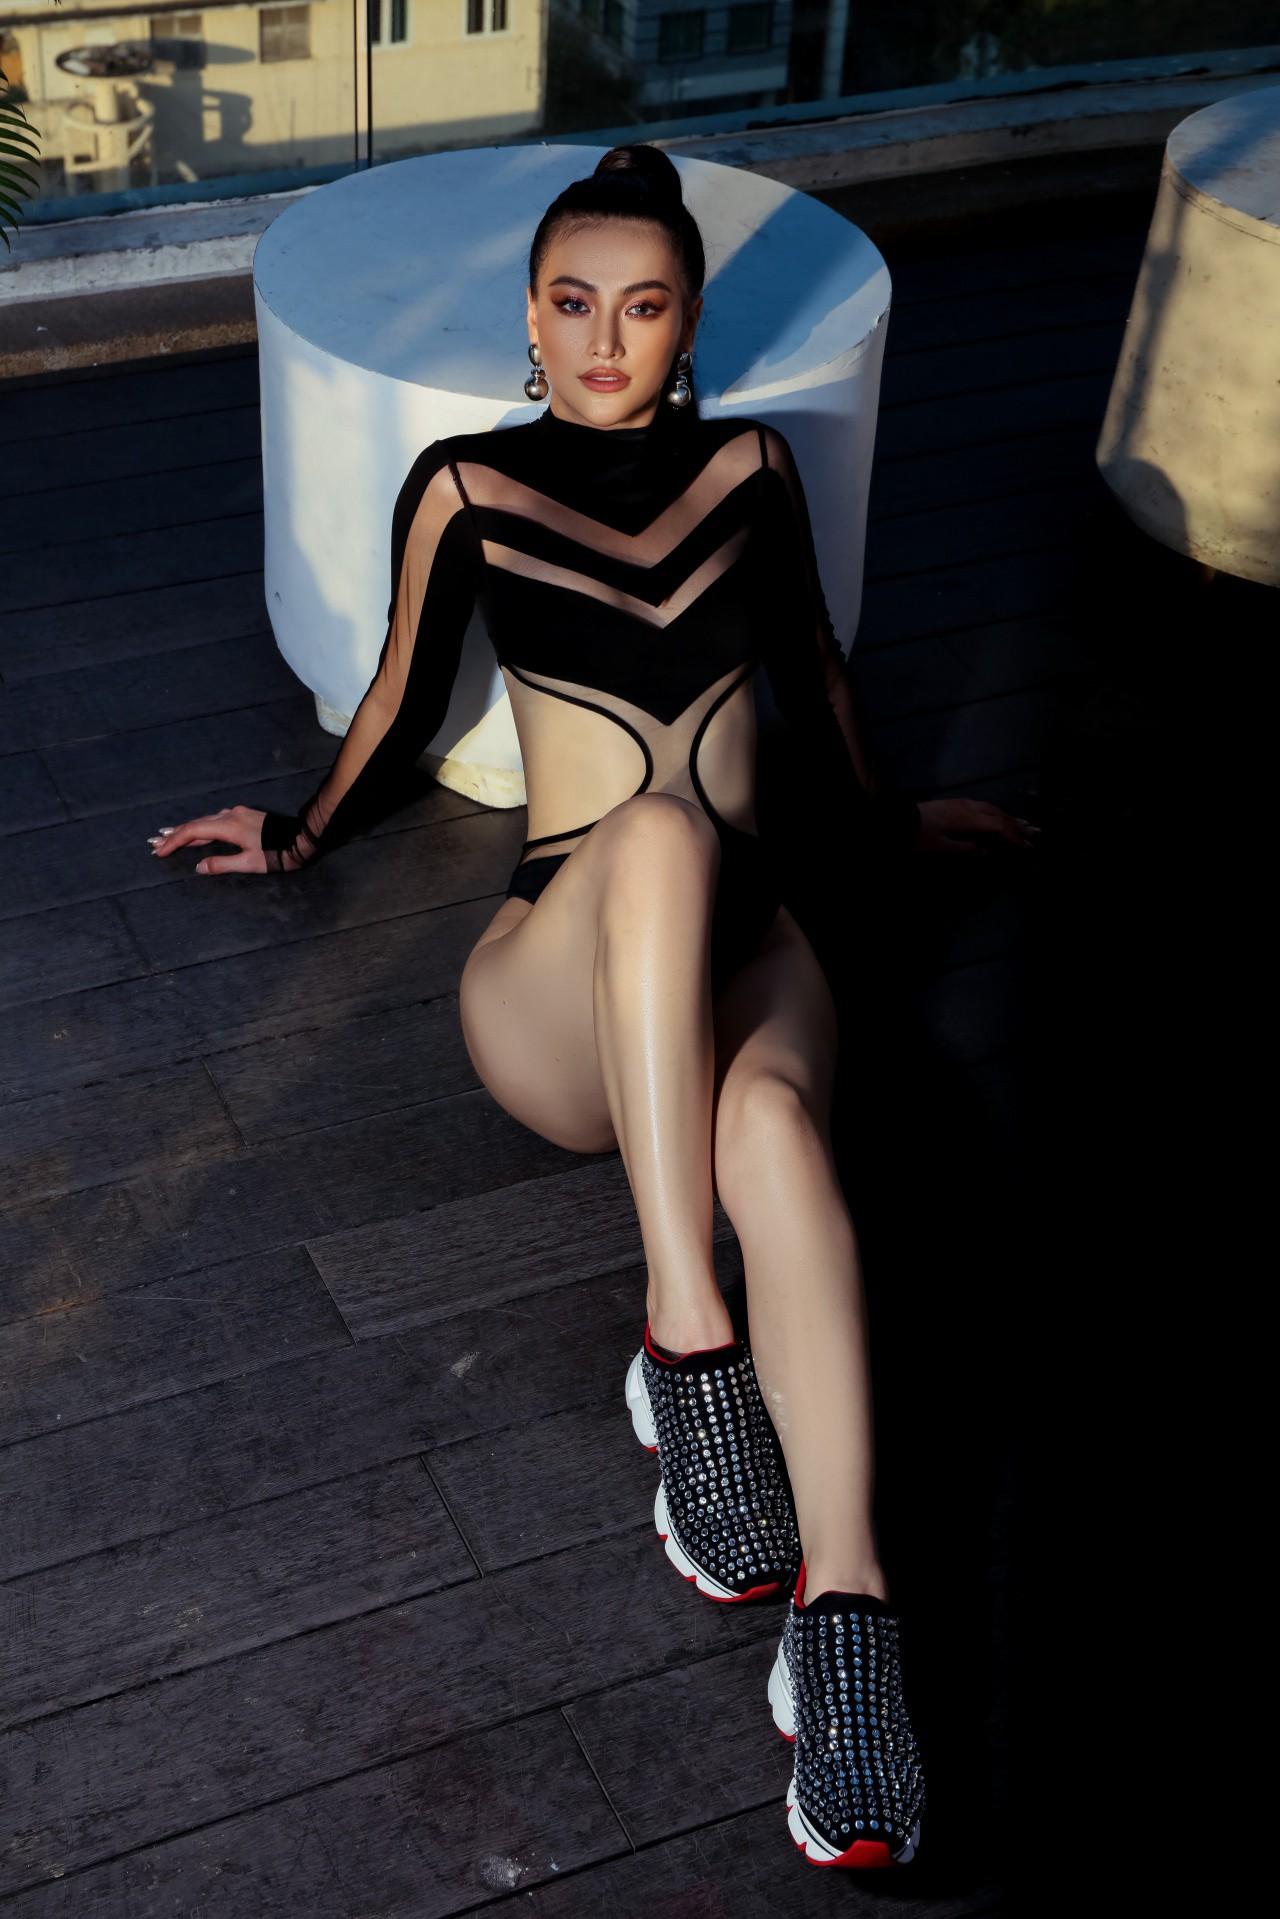 Hoa hậu Phương Khánh mặc bikini khoe body nóng bỏng, chân dài thẳng tắp trên nóc toà nhà cao tầng - Ảnh 14.